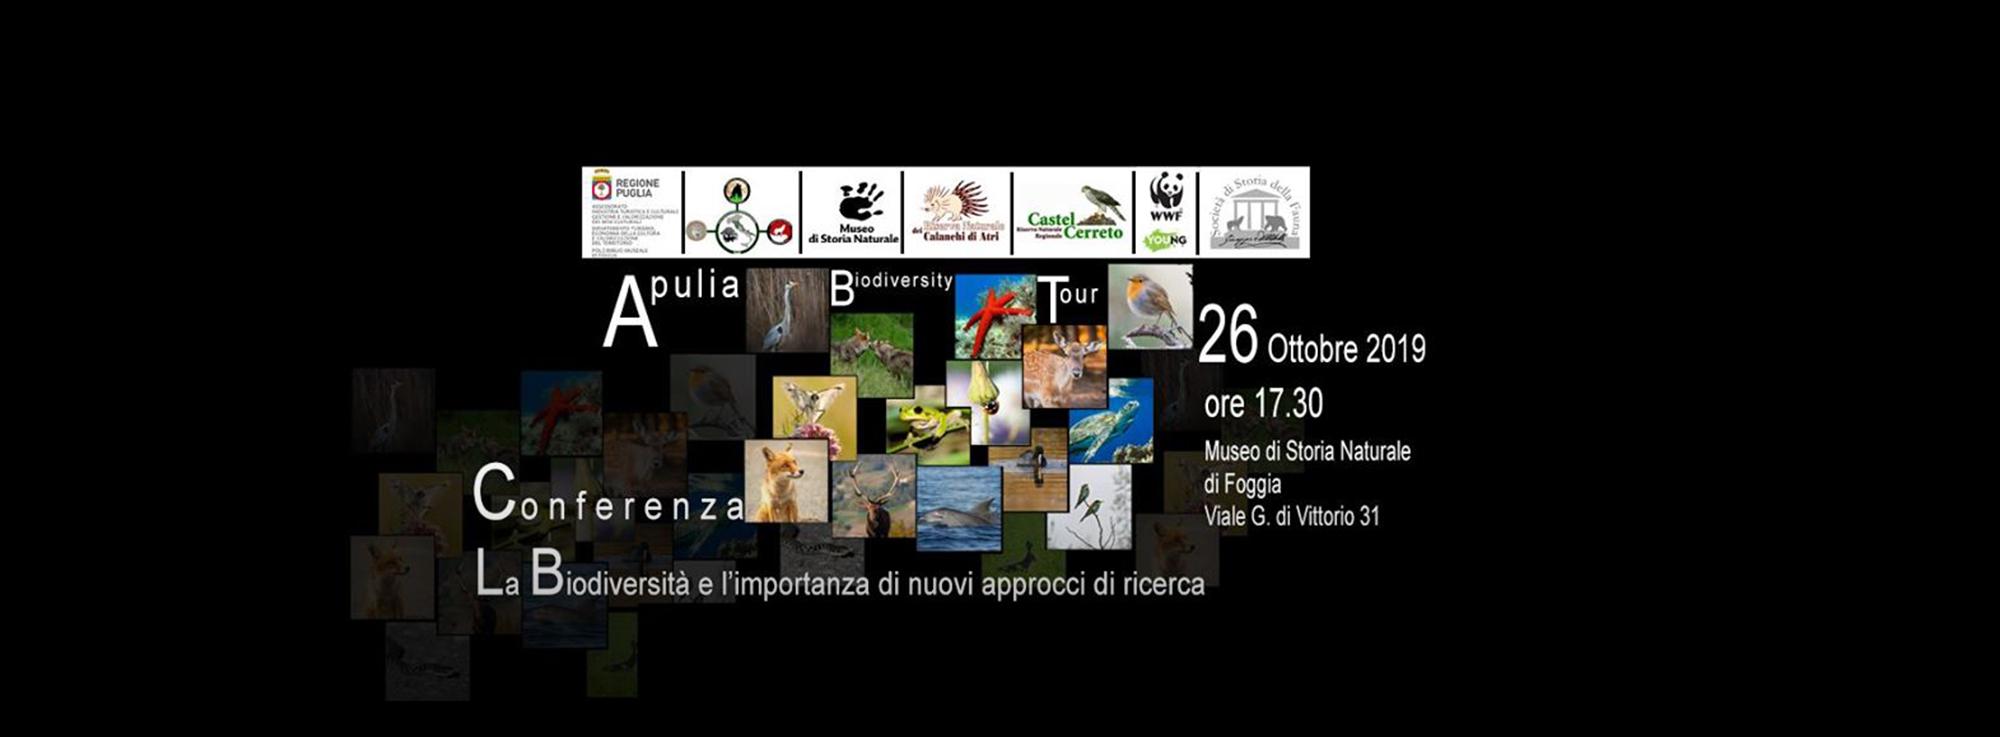 Foggia: Apulia Biodiversity Tour